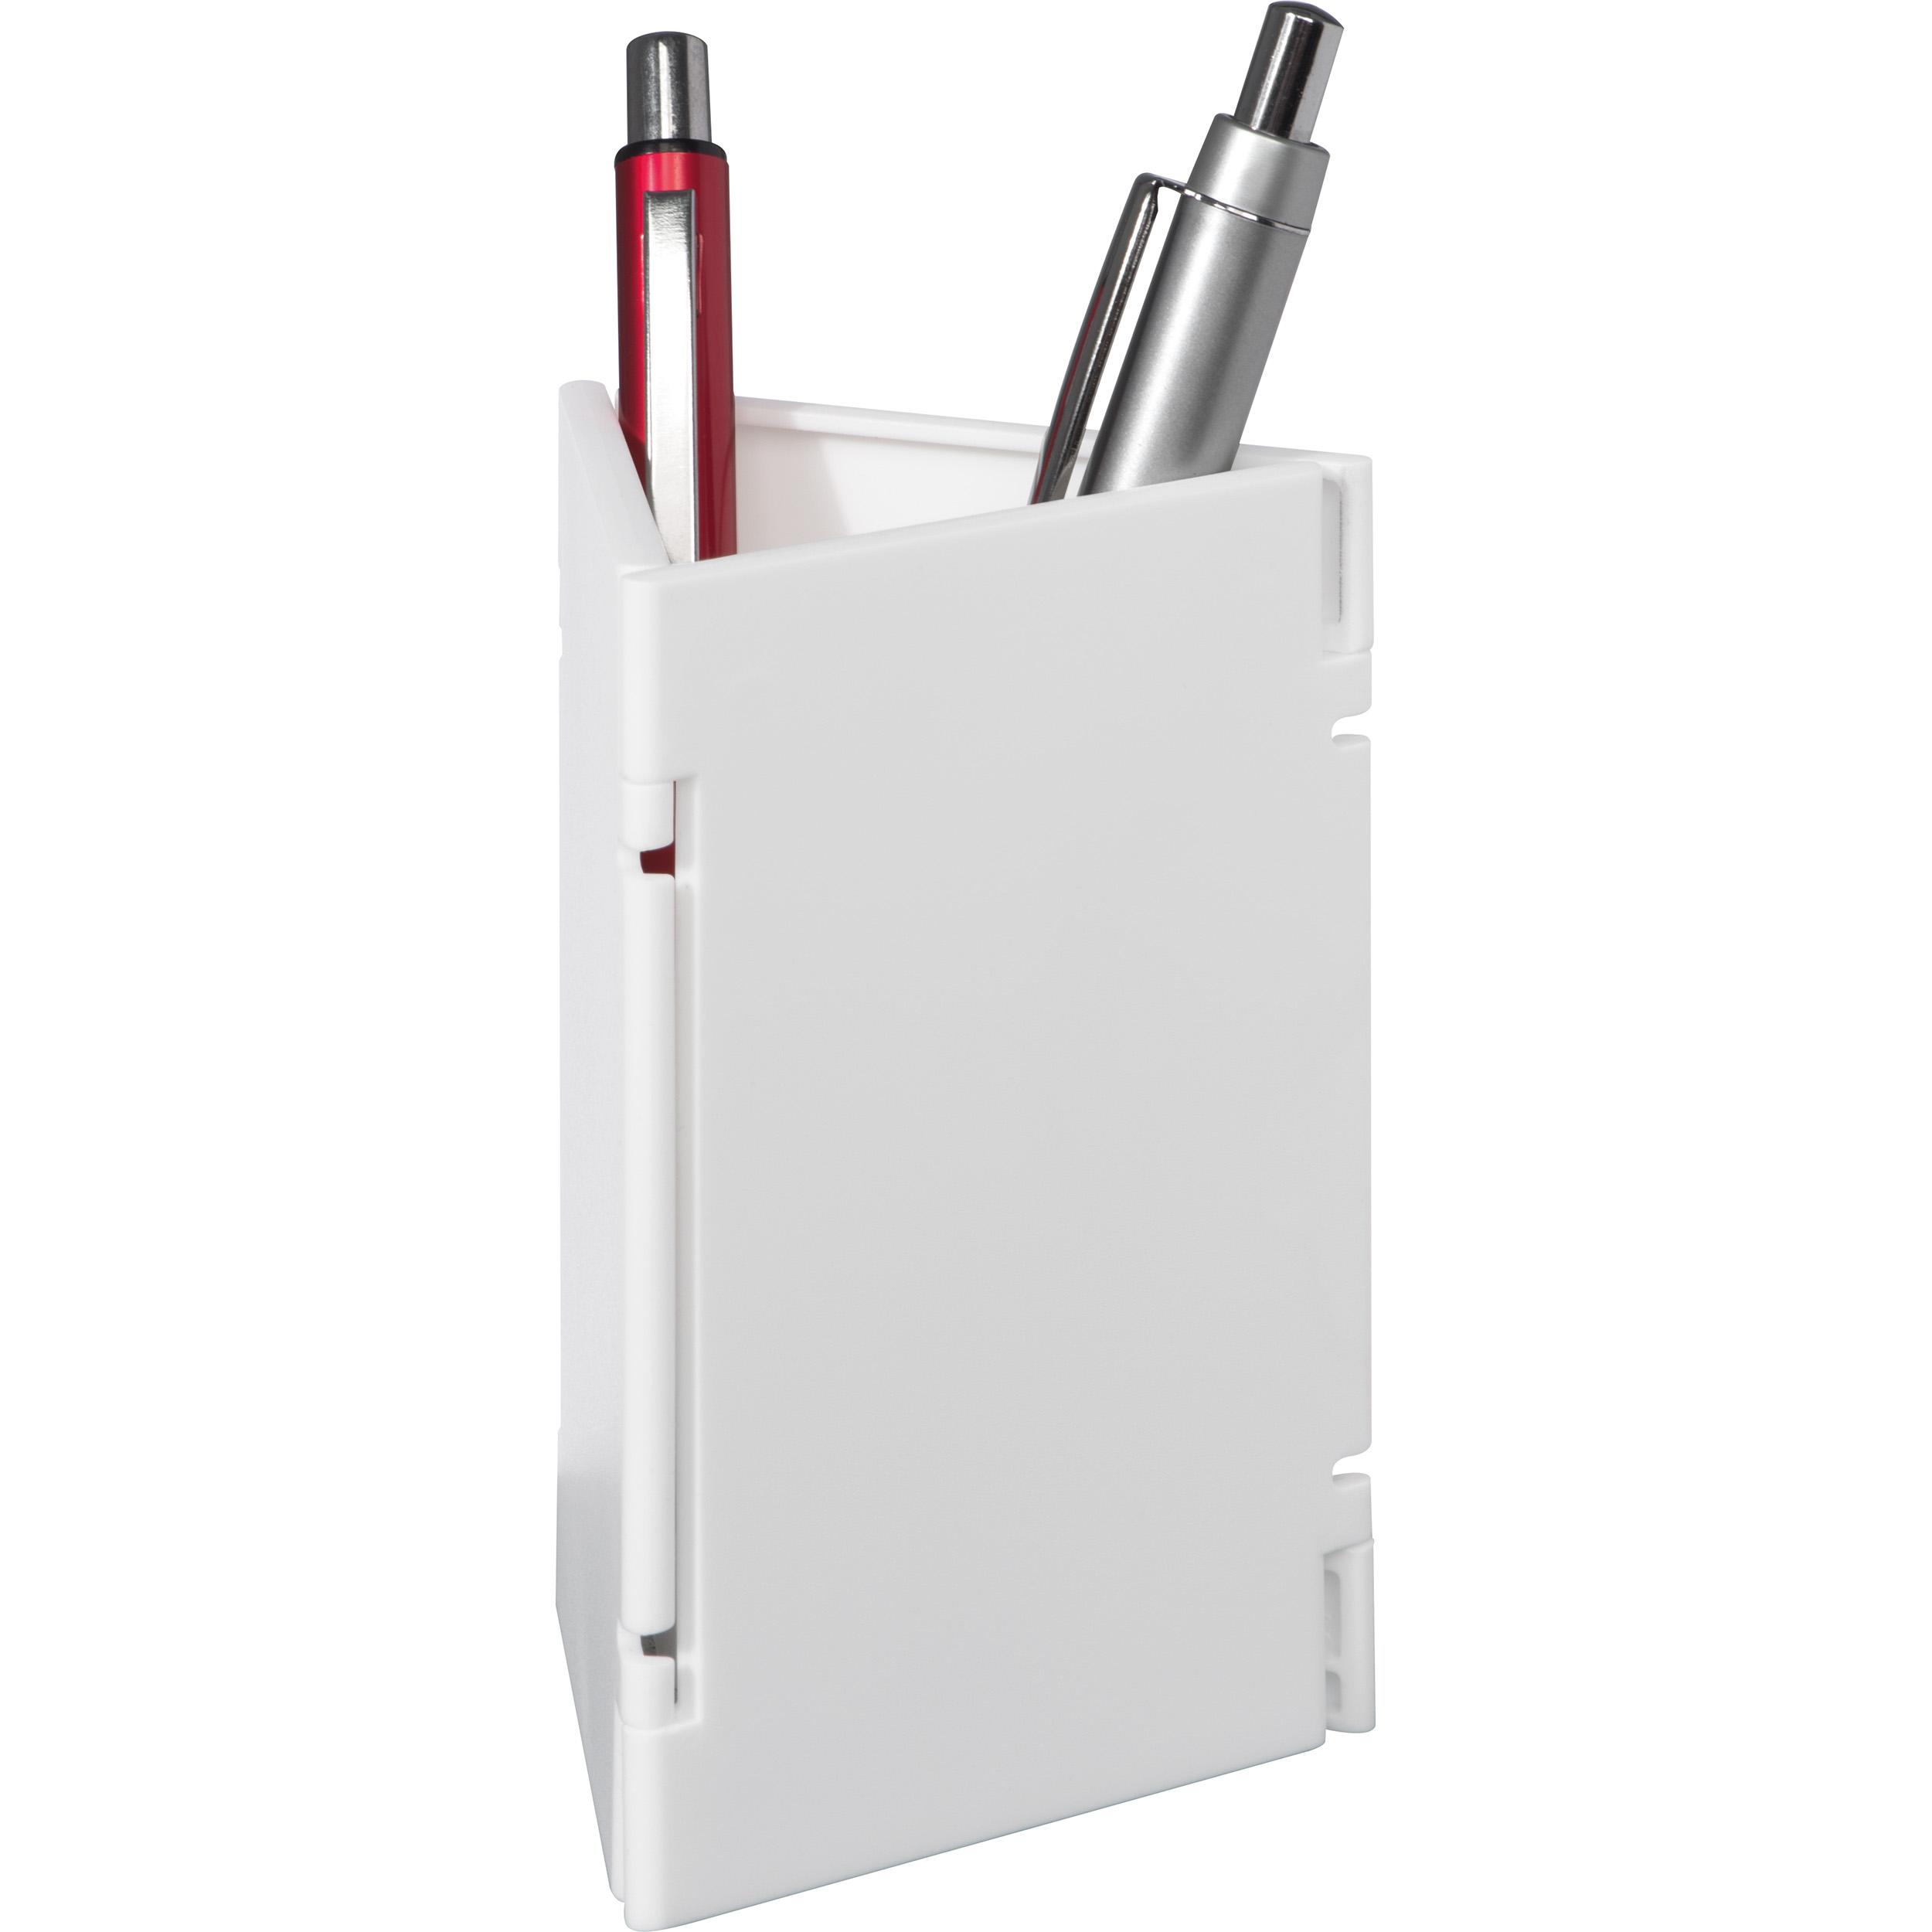 Foldable pen holder